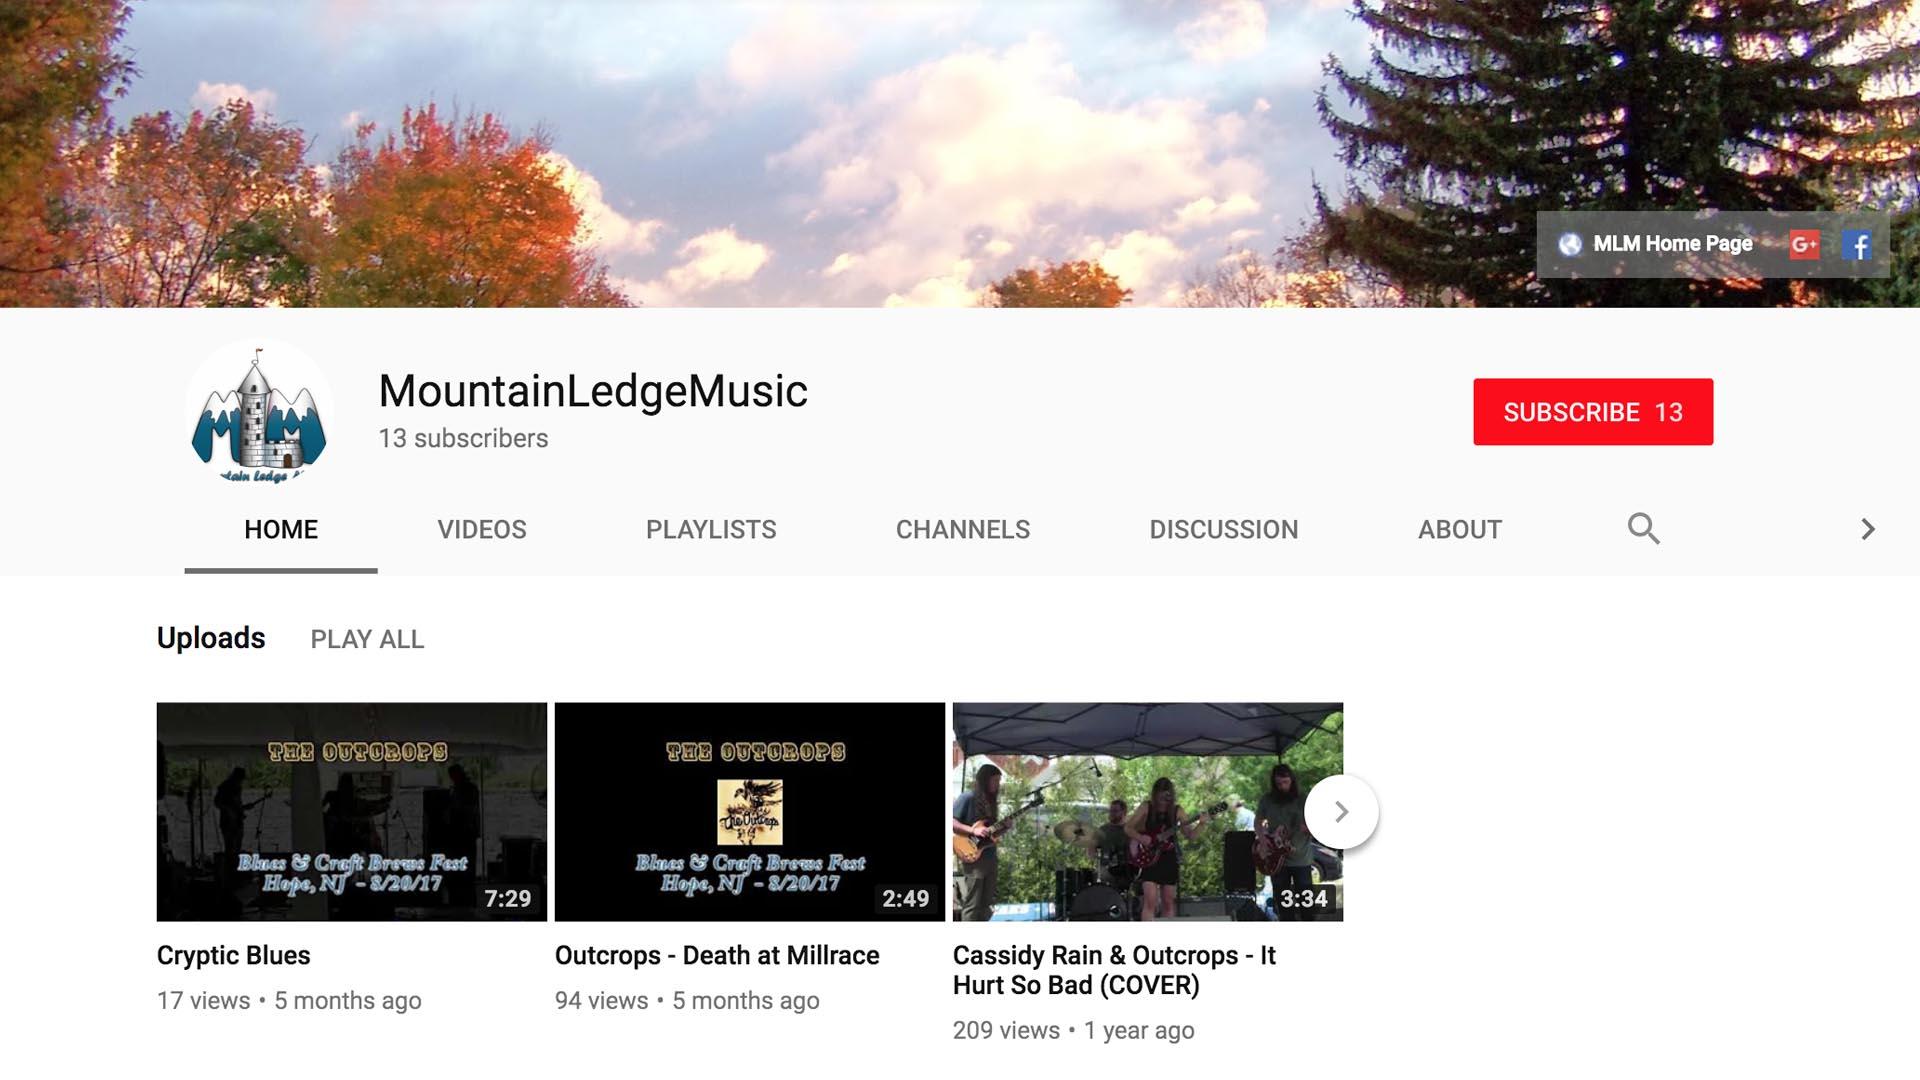 www.youtube.com/user/MountainLedgeMusic